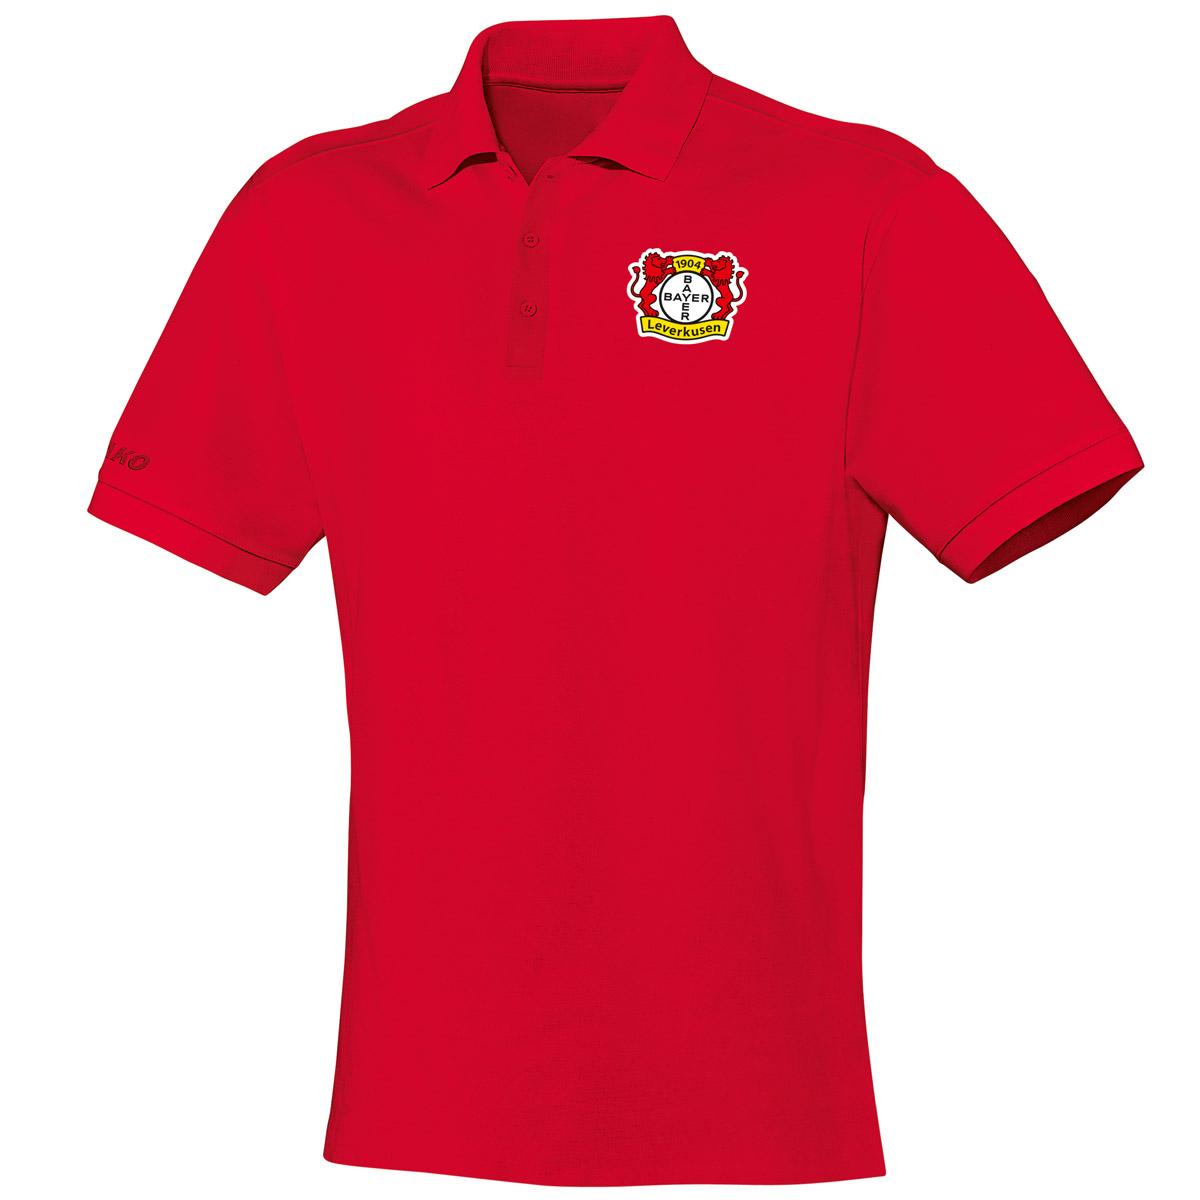 Bayer 04 Leverkusen Polo Team